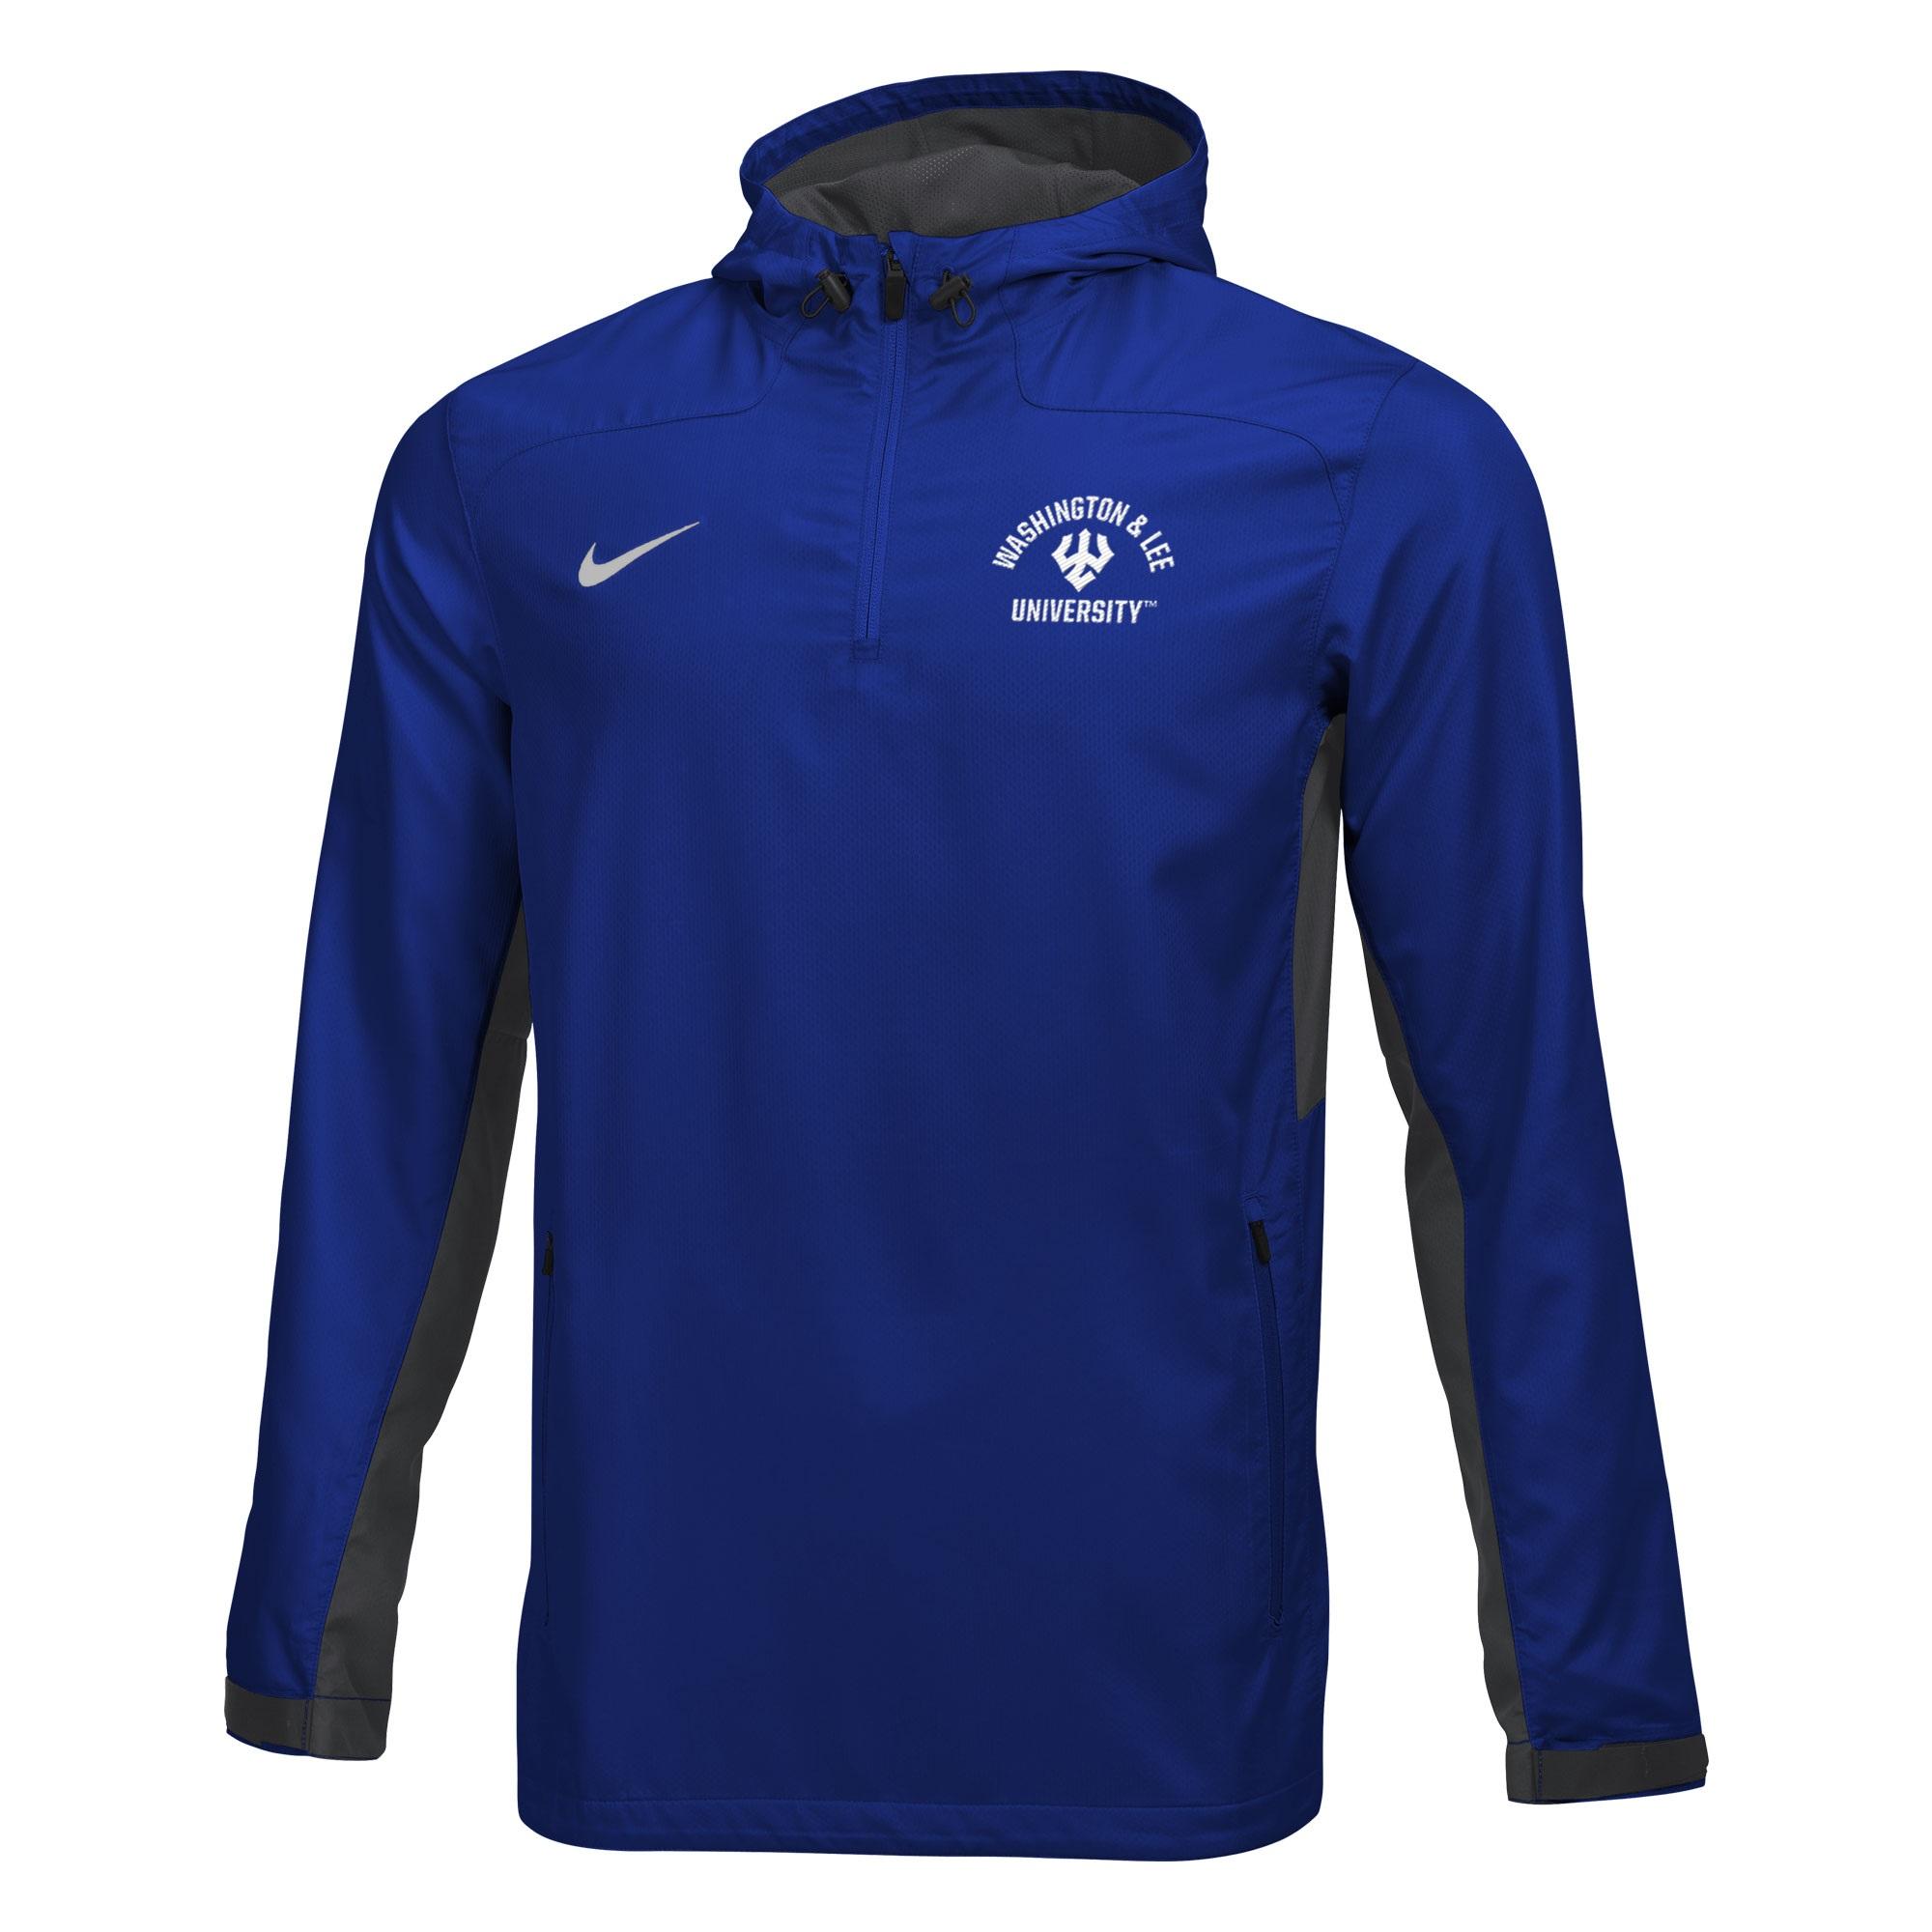 Nike Woven 1/4 Zip Jacket